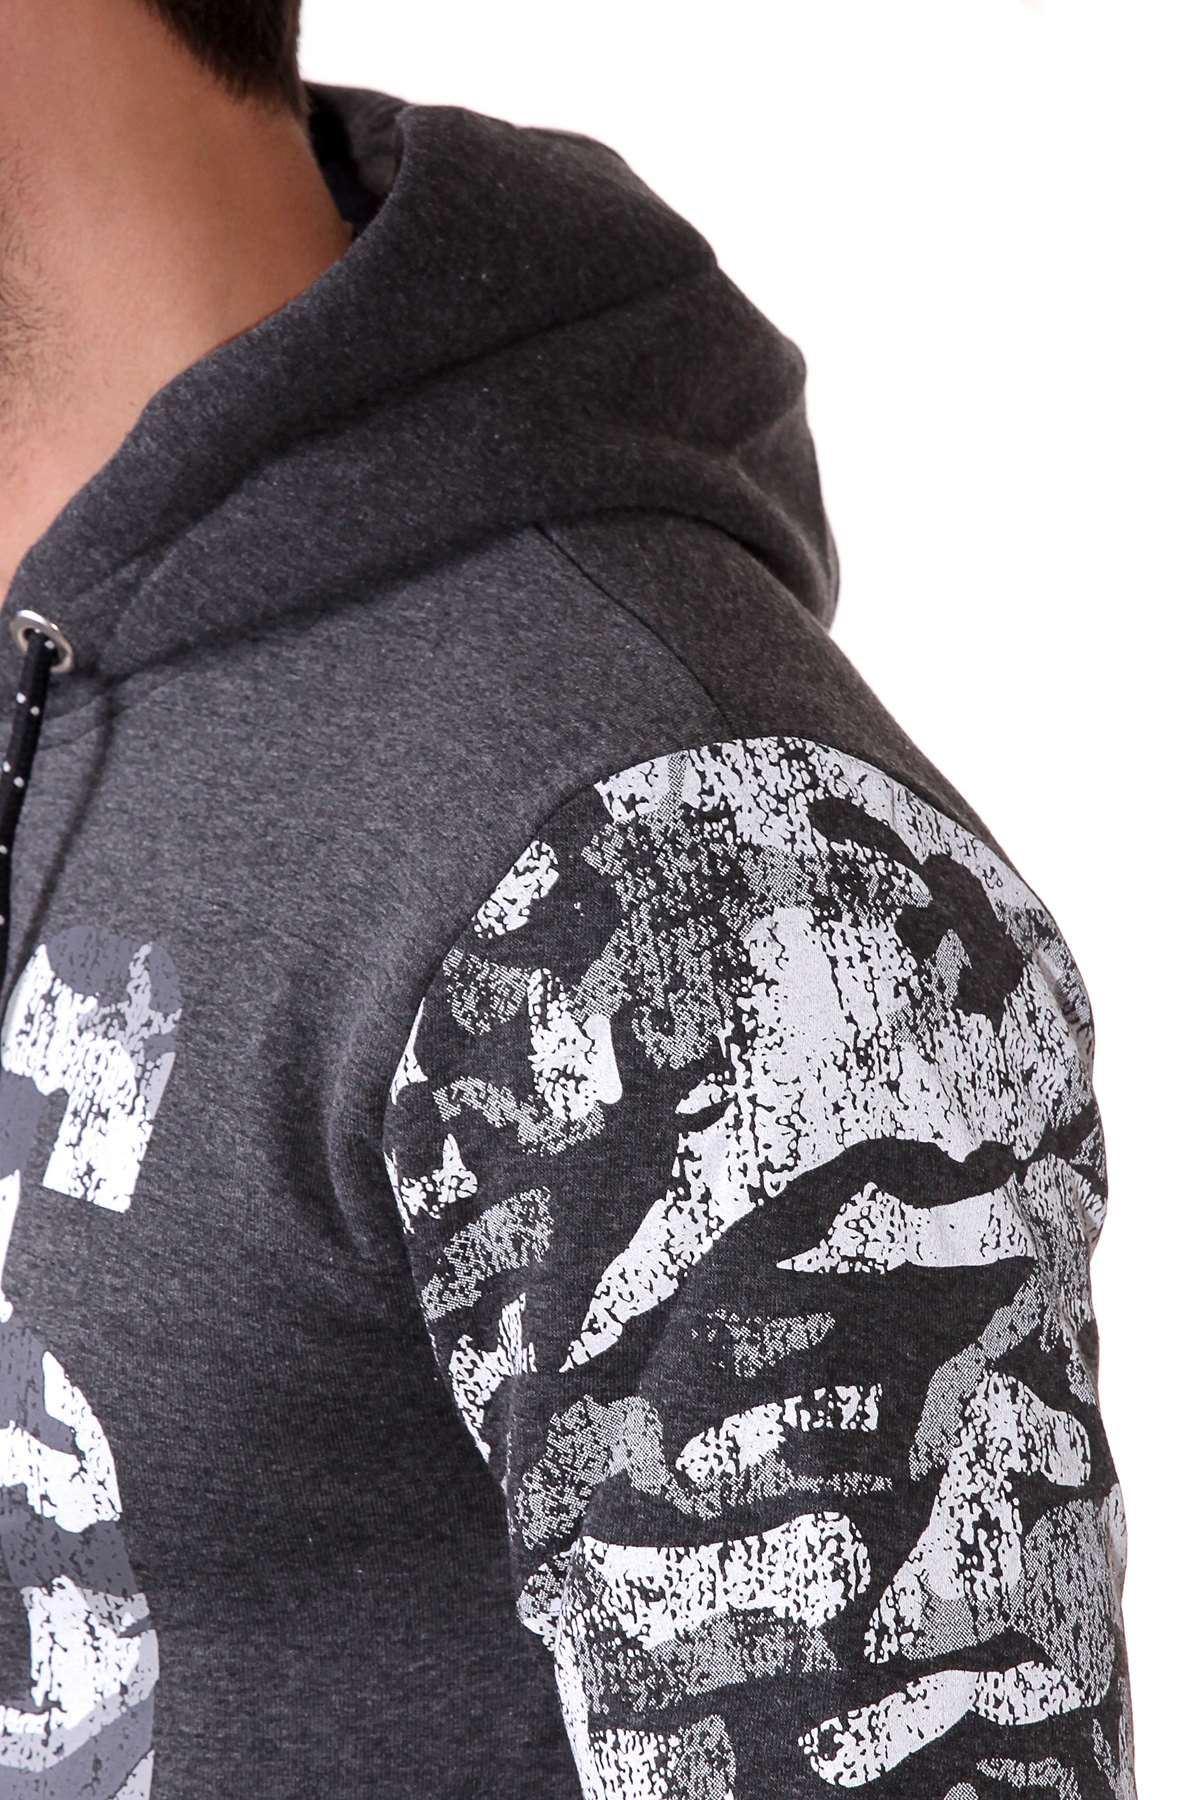 Göğüs Eas Baskılı Kollar Kamuflaj Desenli Kapşonlu Sweatshirt Antrasit